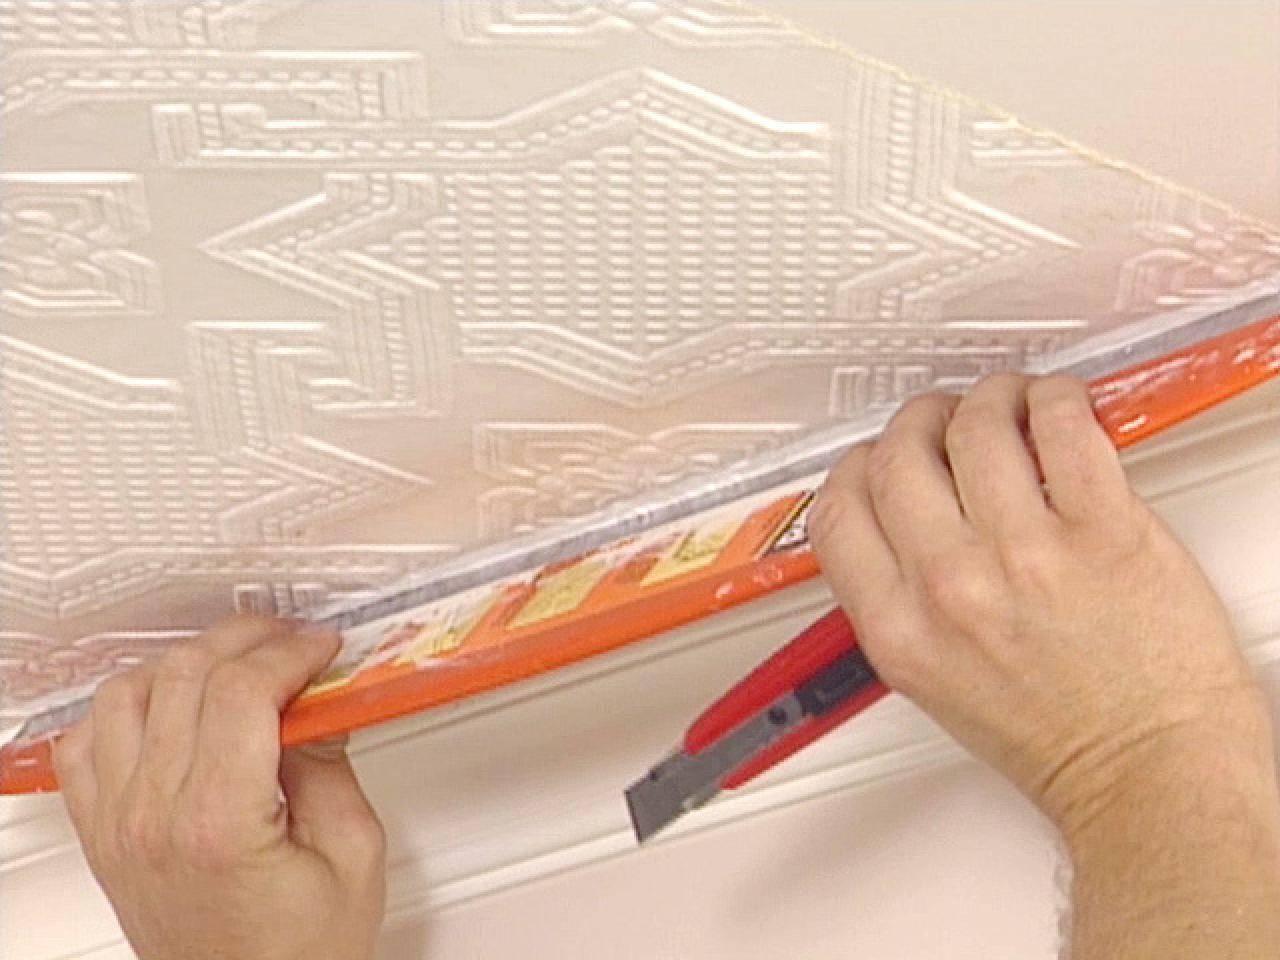 Можно ли клеить потолочную плитку на плитку и как такая идея вообще может прийти в голову